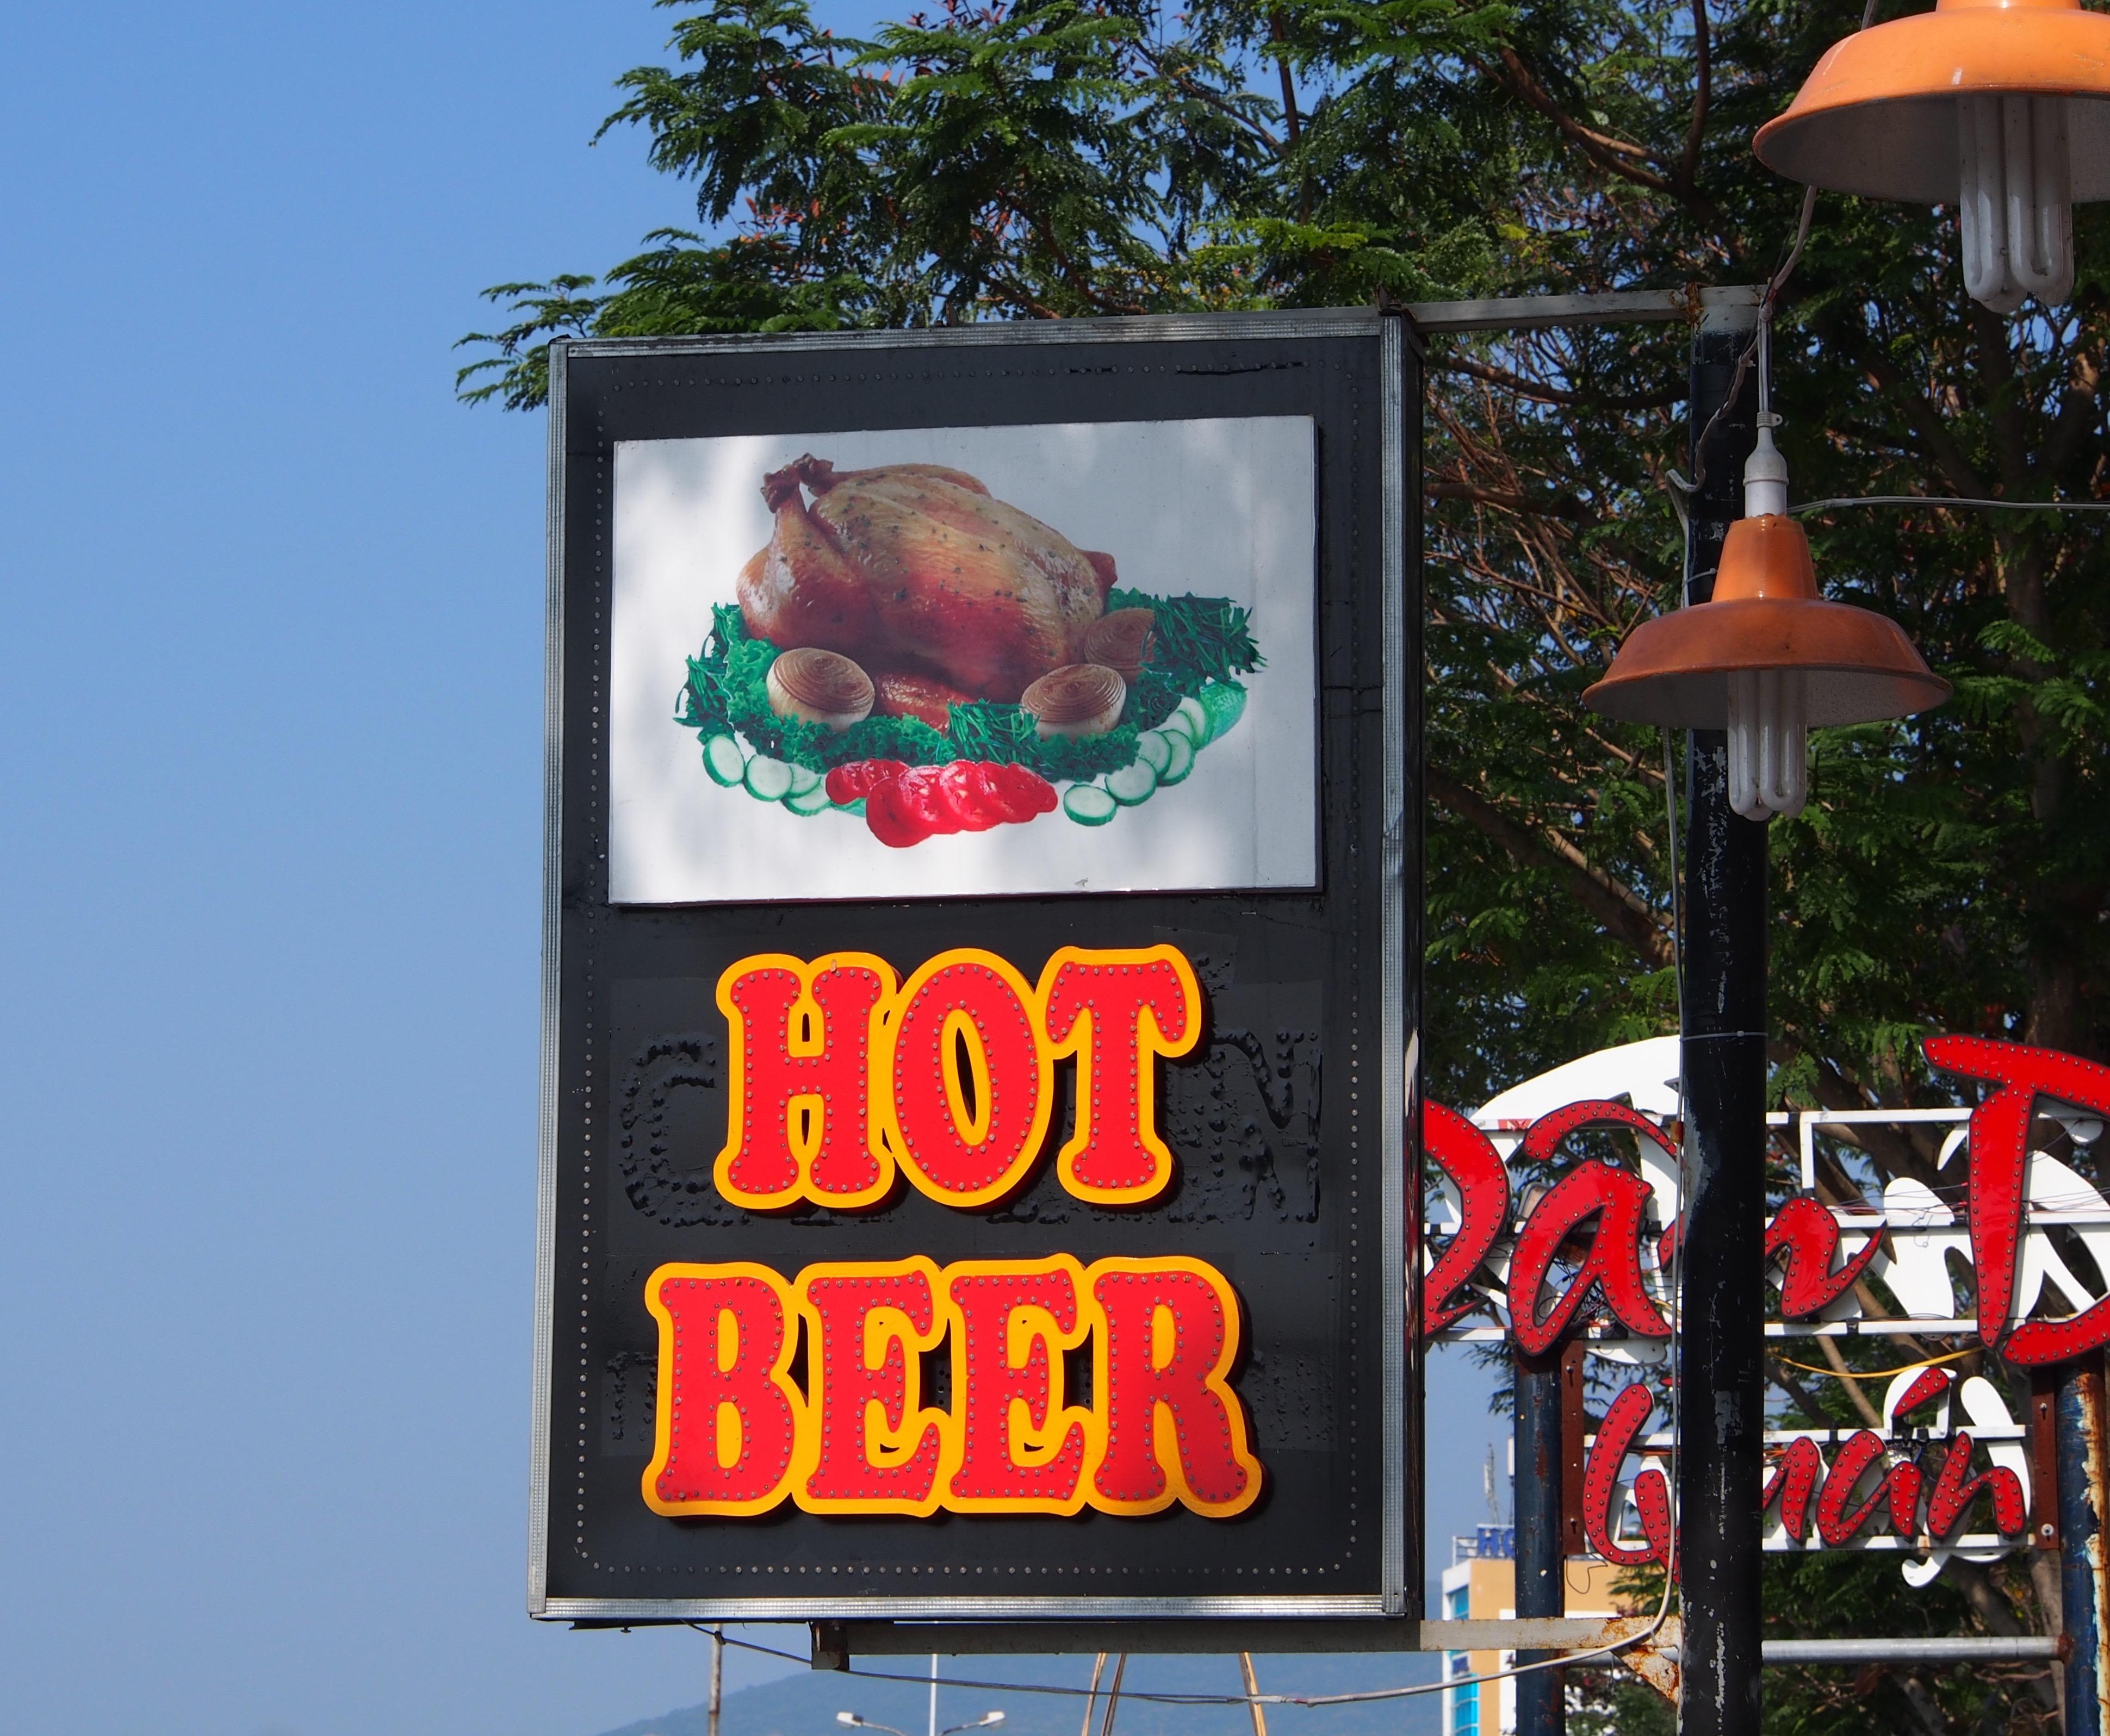 Street sign in Vietnam